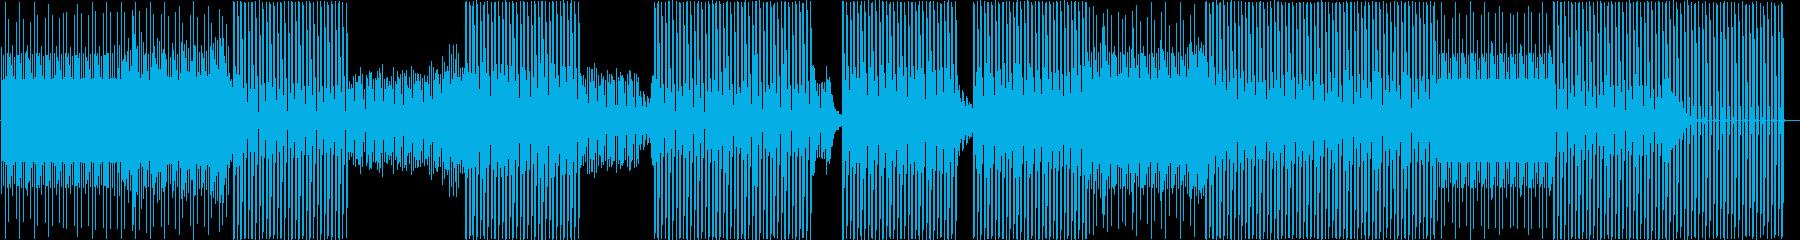 ハウス。シーケンサー。ランニングの再生済みの波形